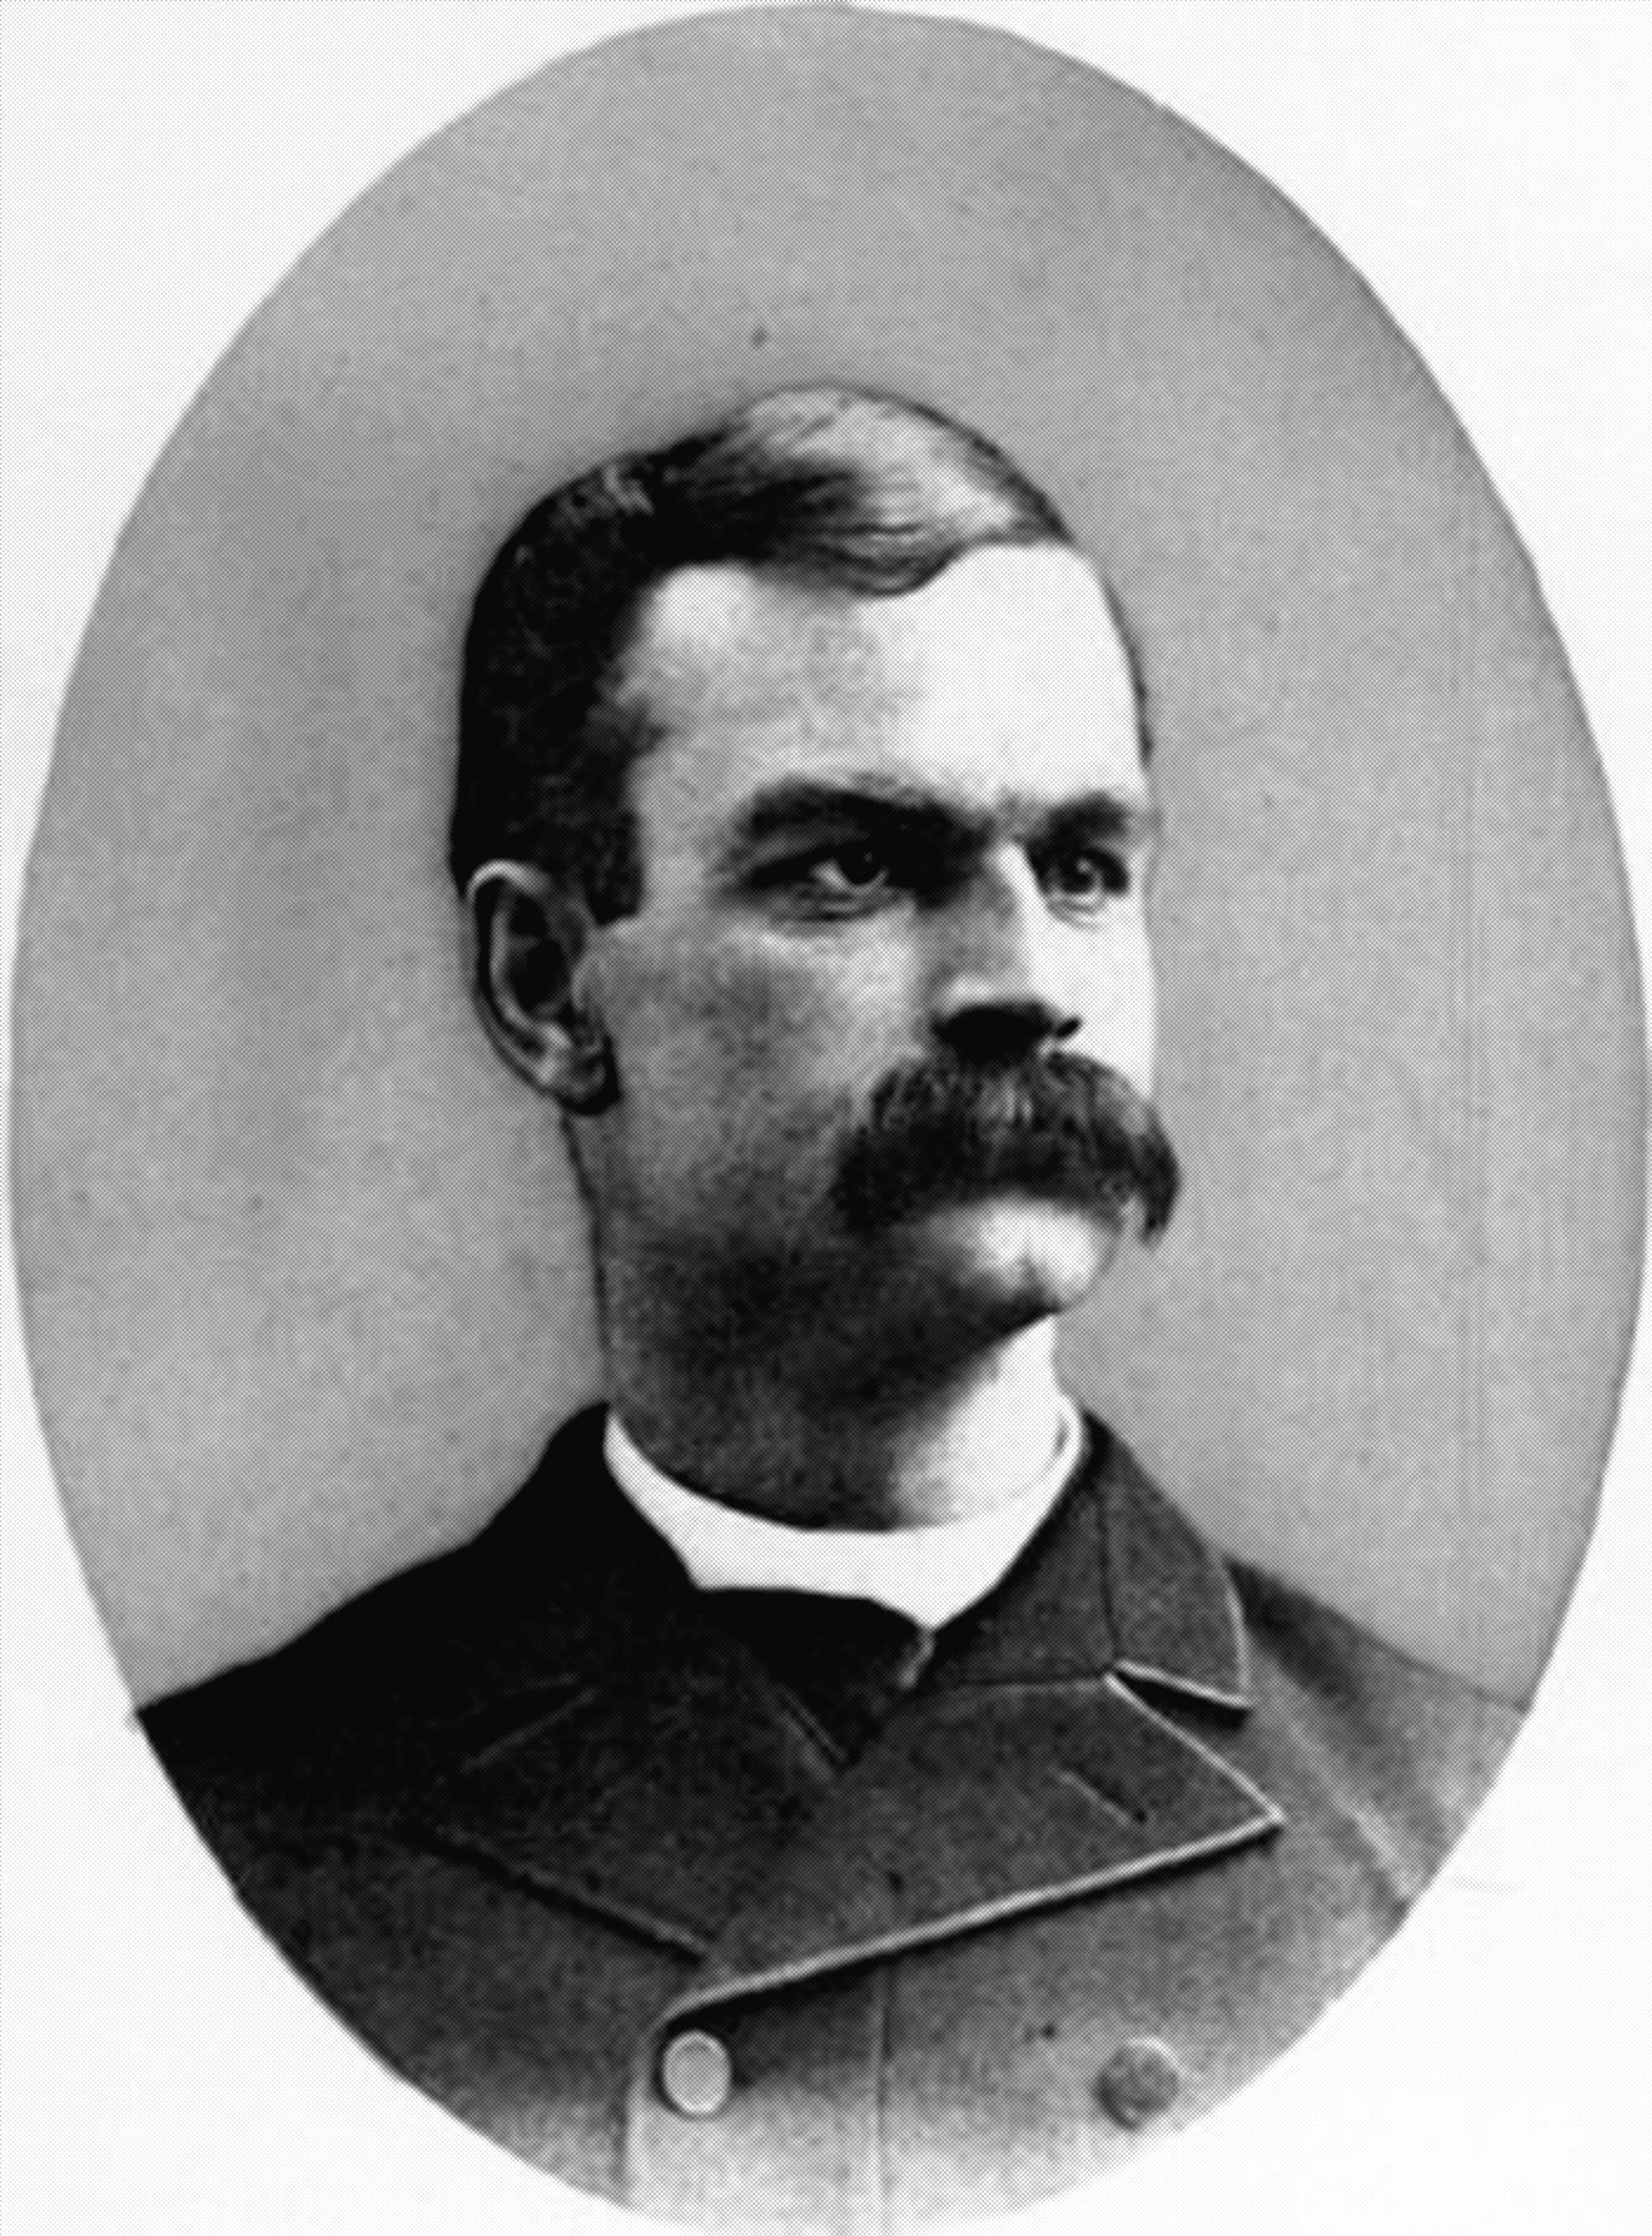 Congressman Charles E. Littlefield